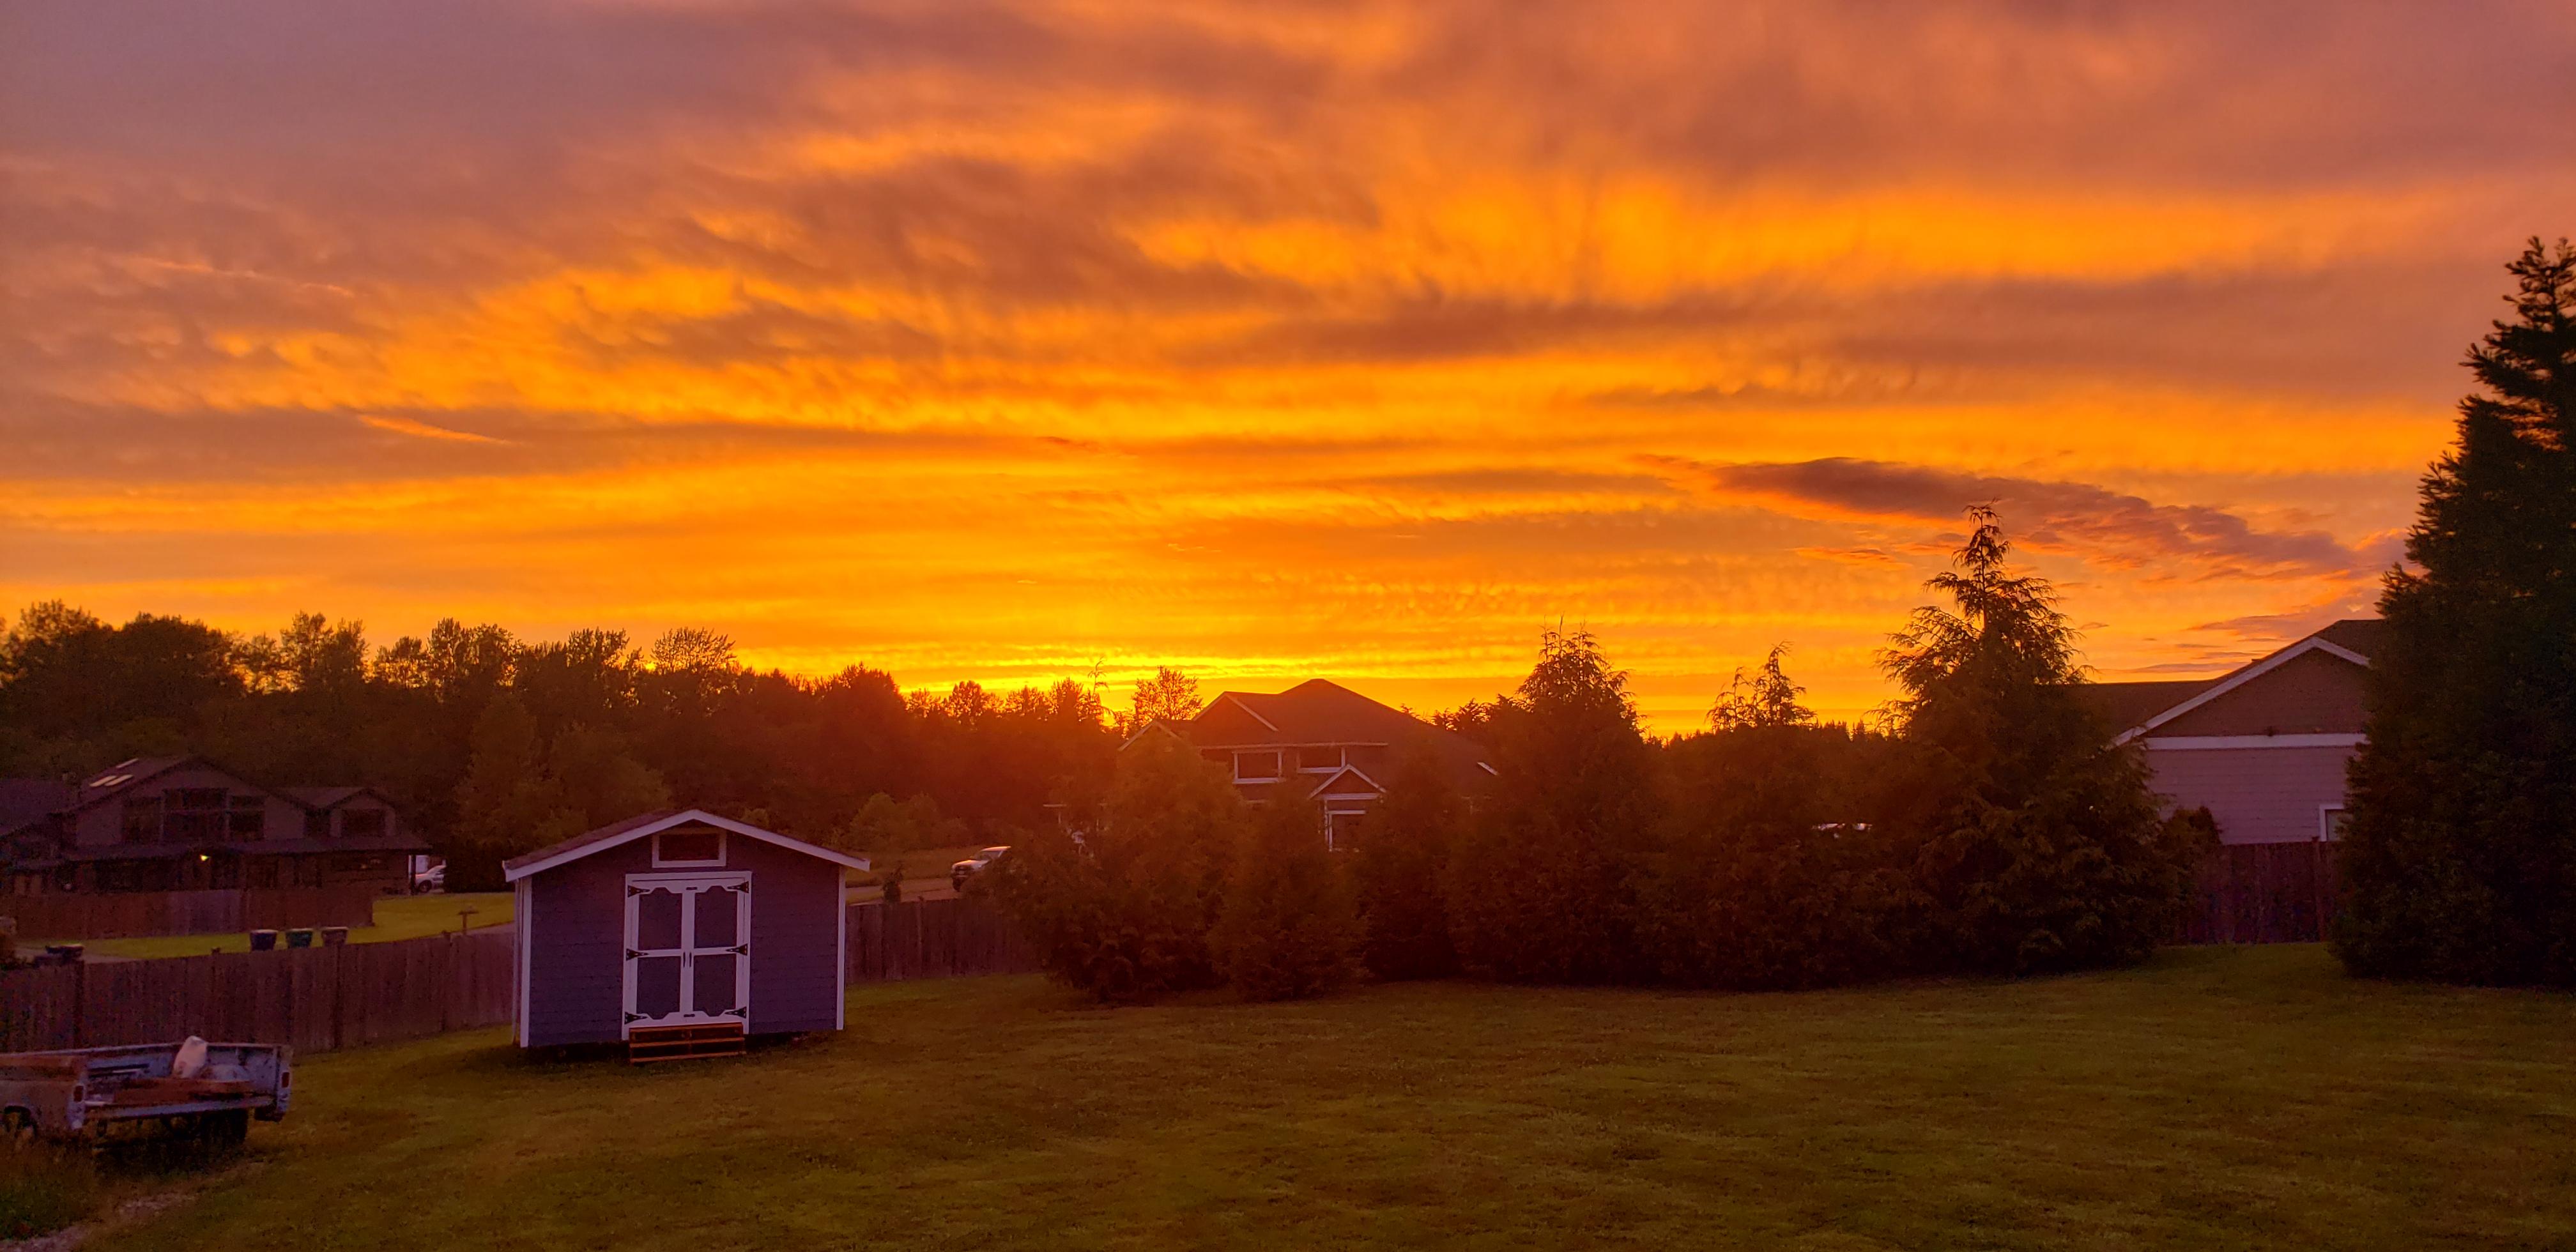 Glowing sunset from Lakewood near Arlington Wa